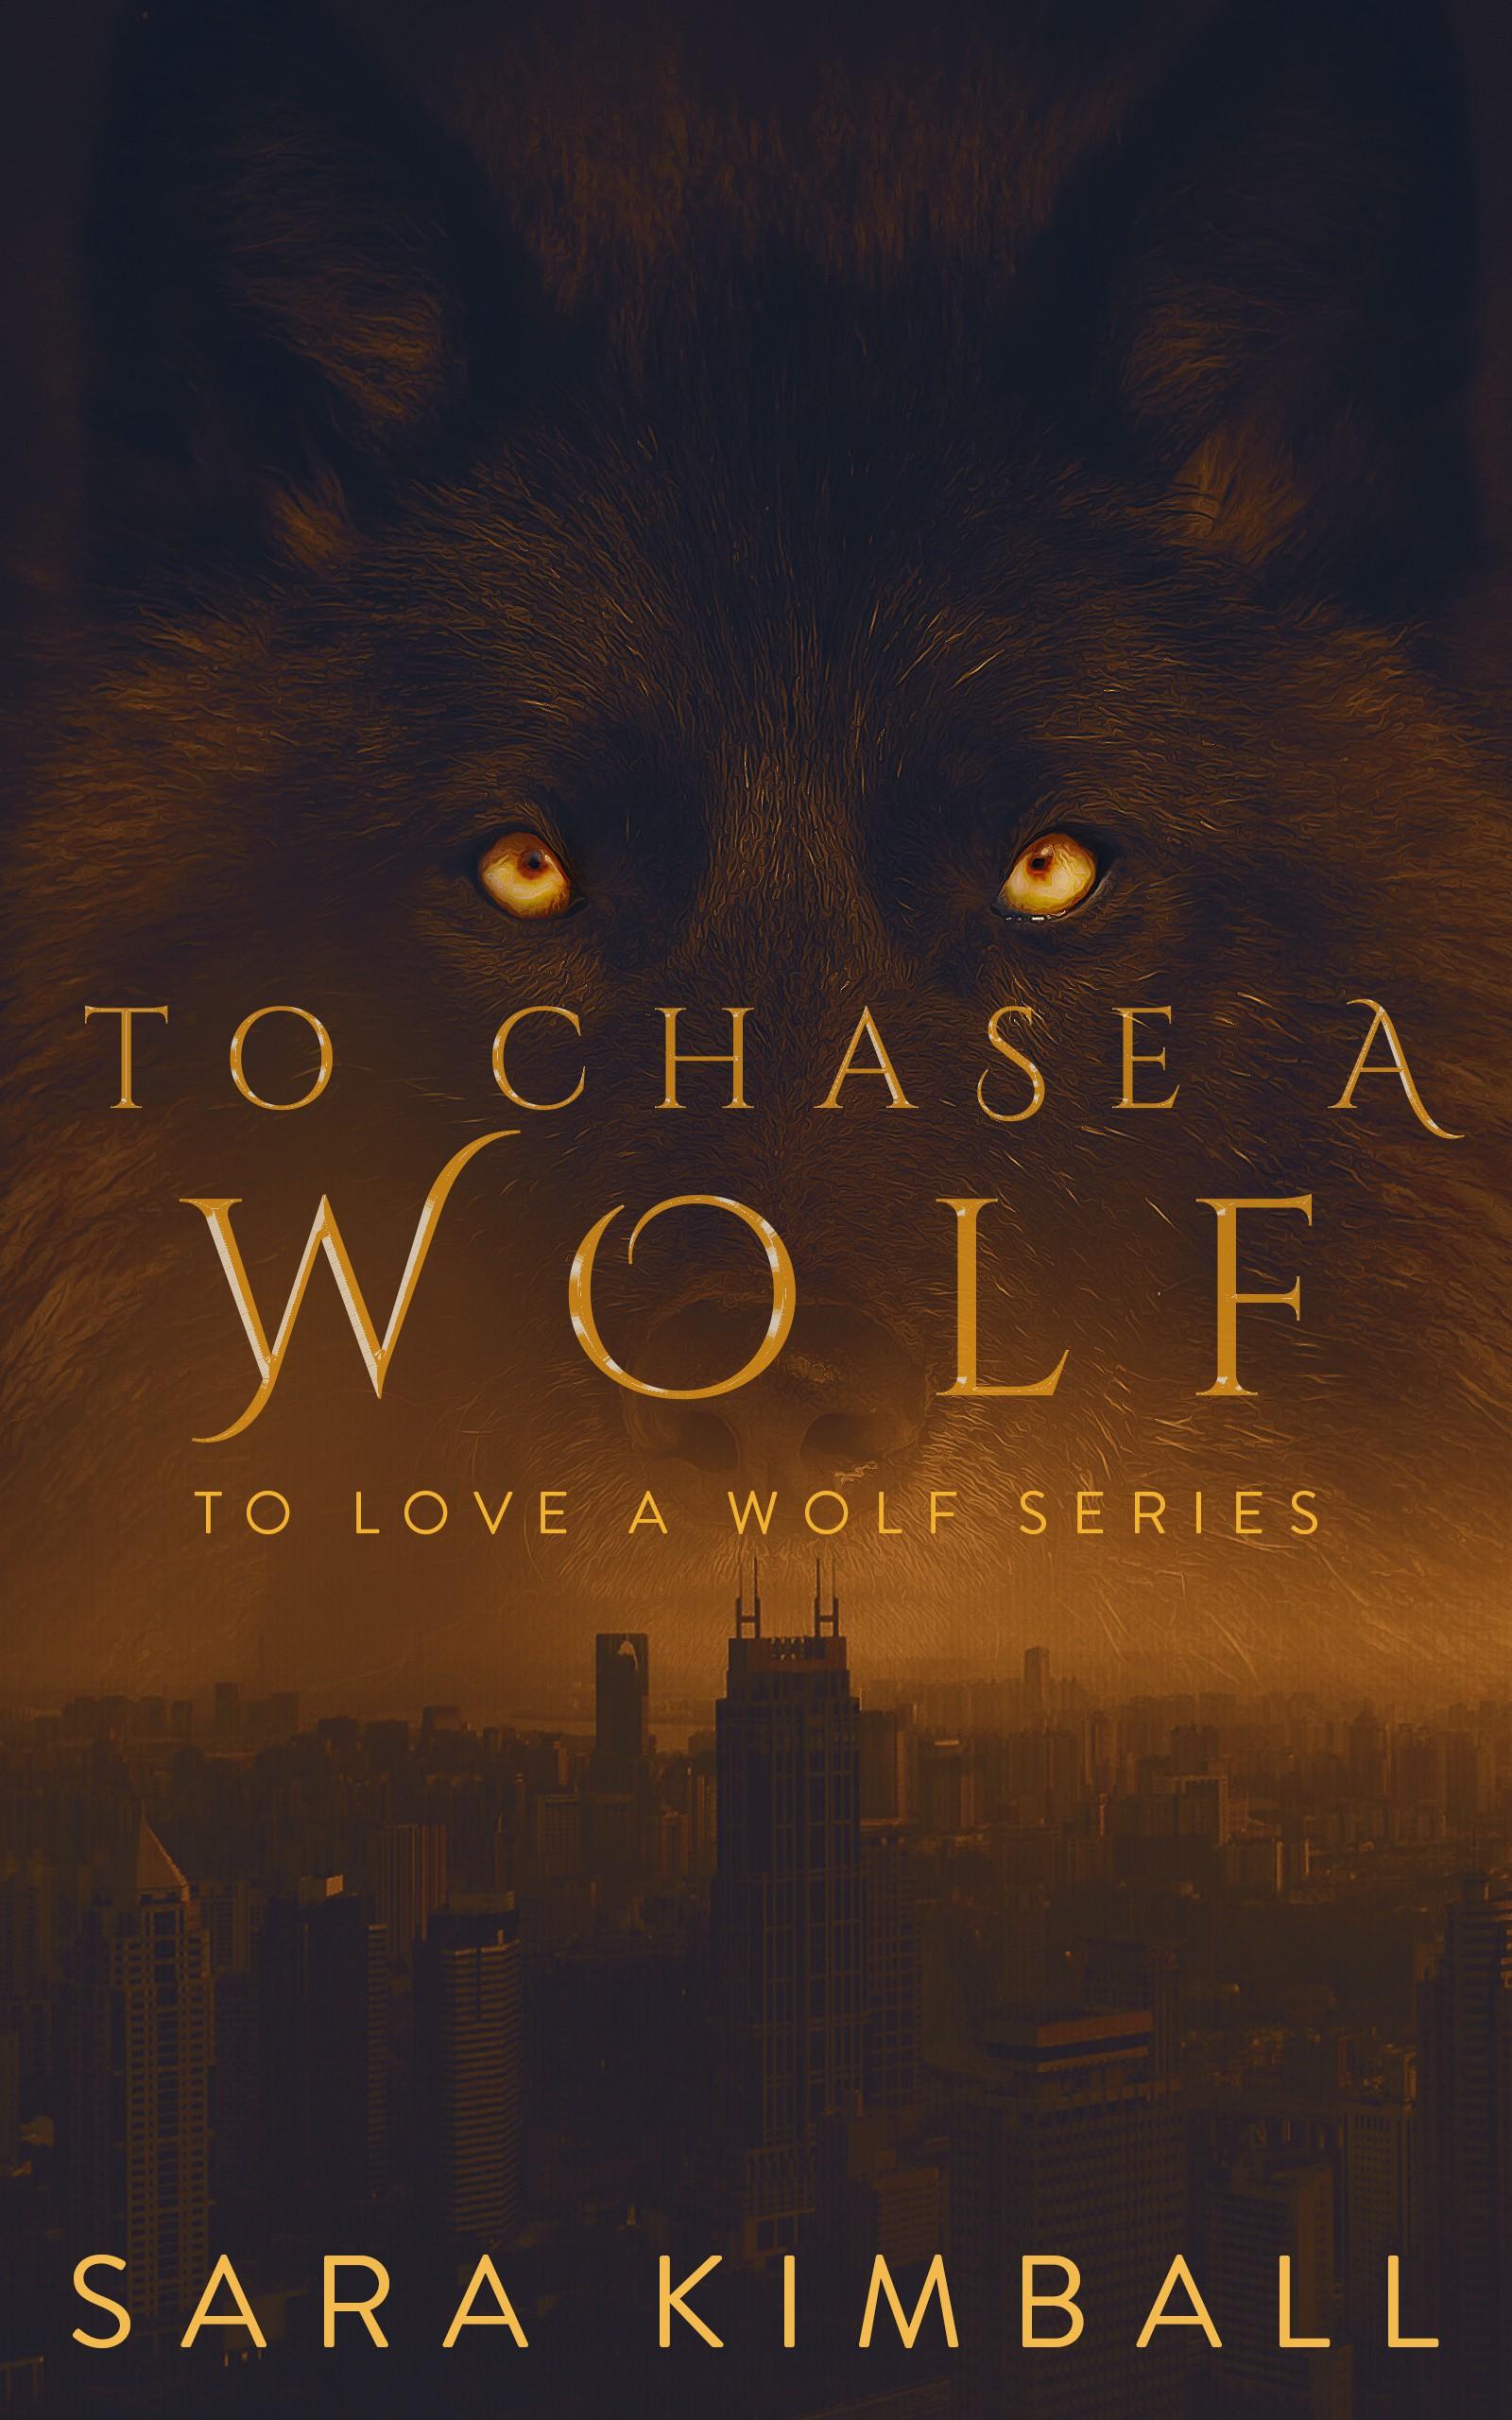 E book cover for Urban Fantasy Romance